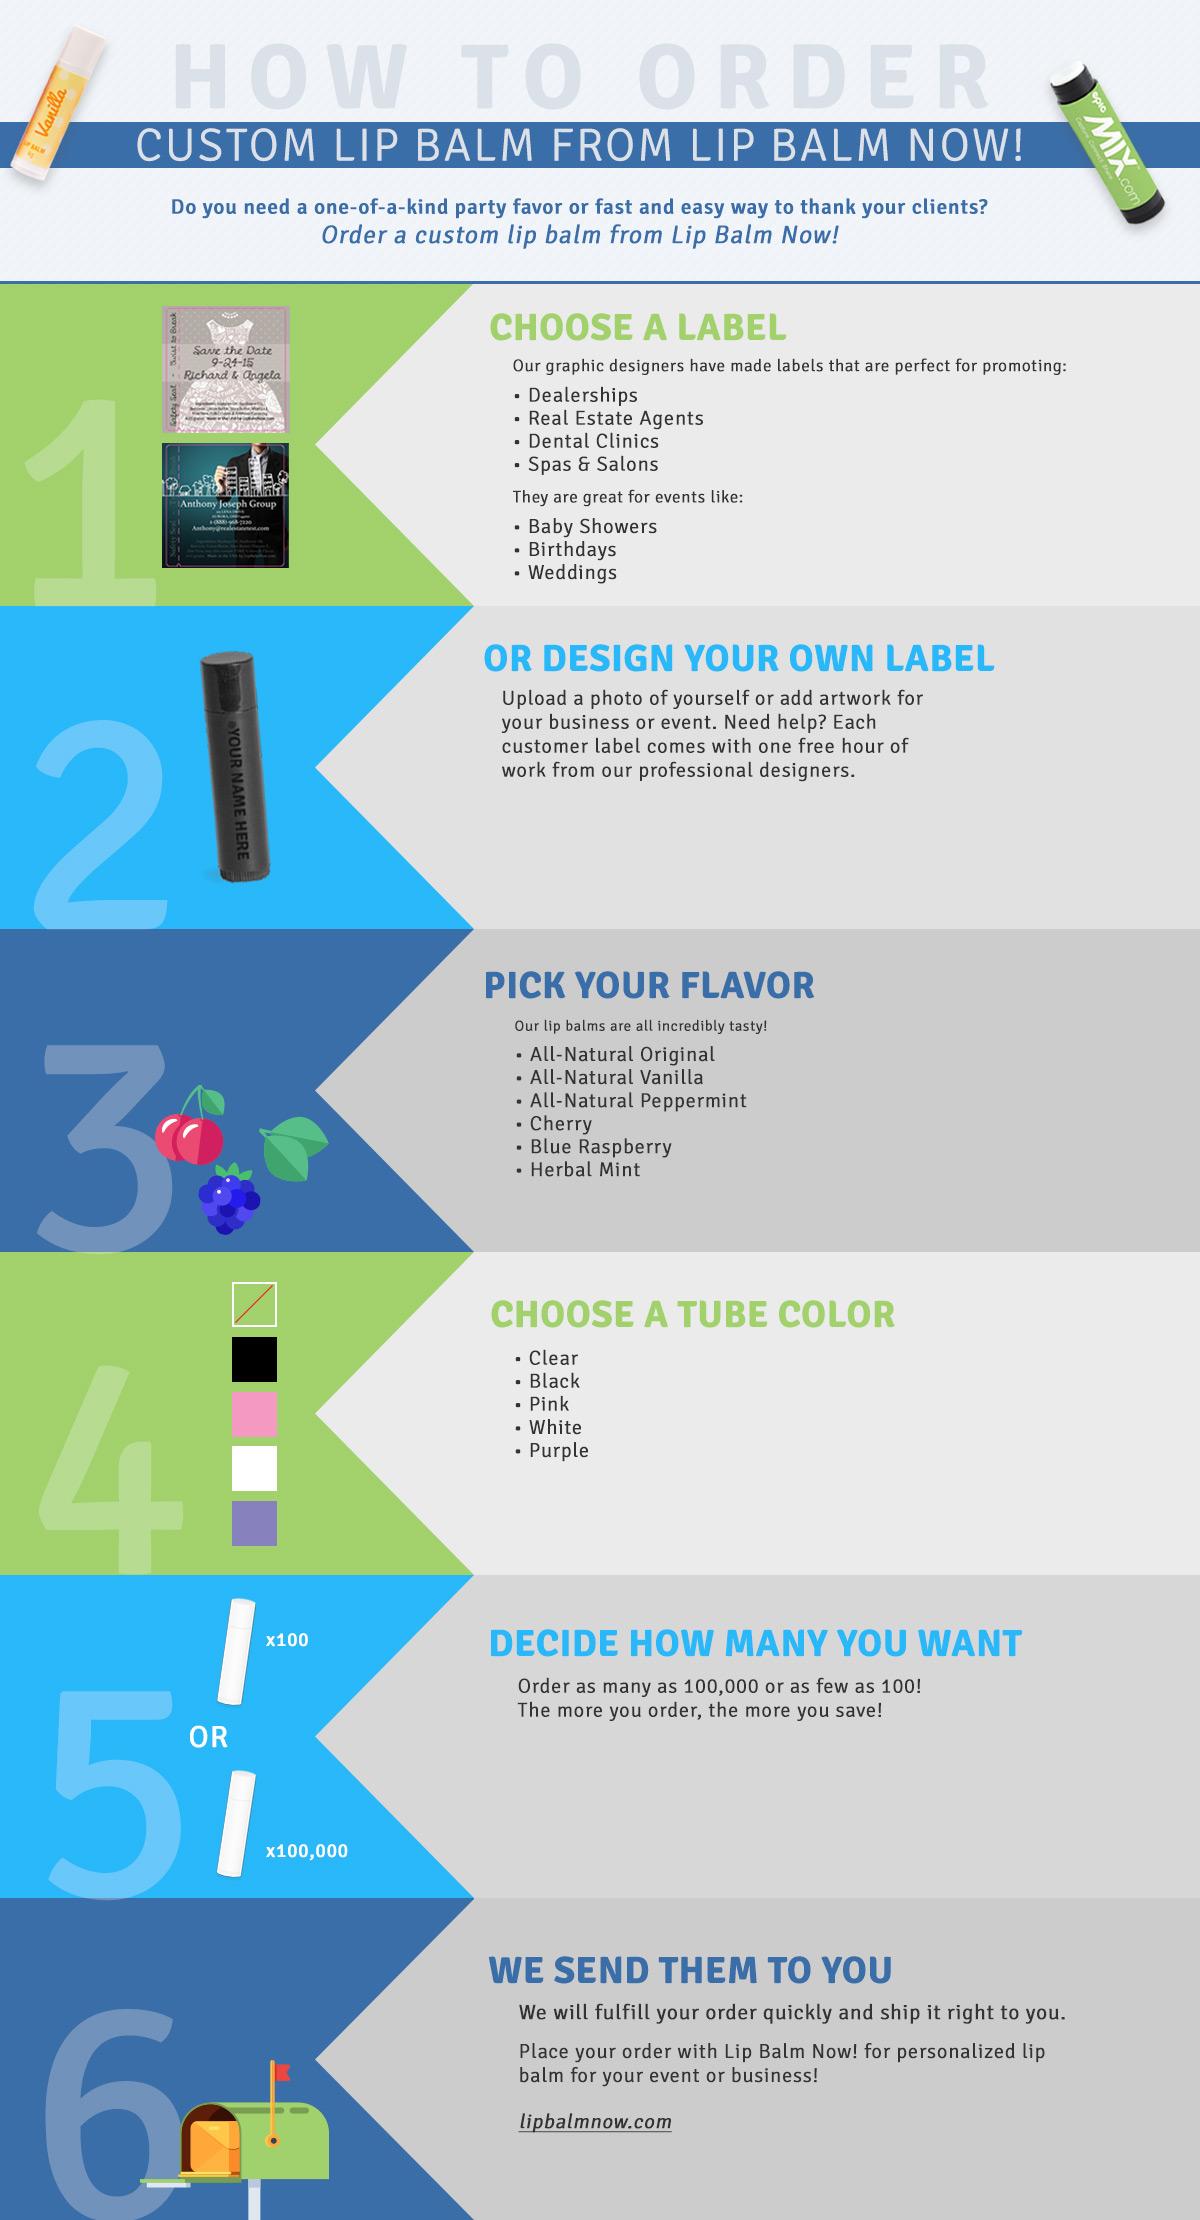 how-to-order-custom-lip-balm-from-lip-balm-now-v2.jpg